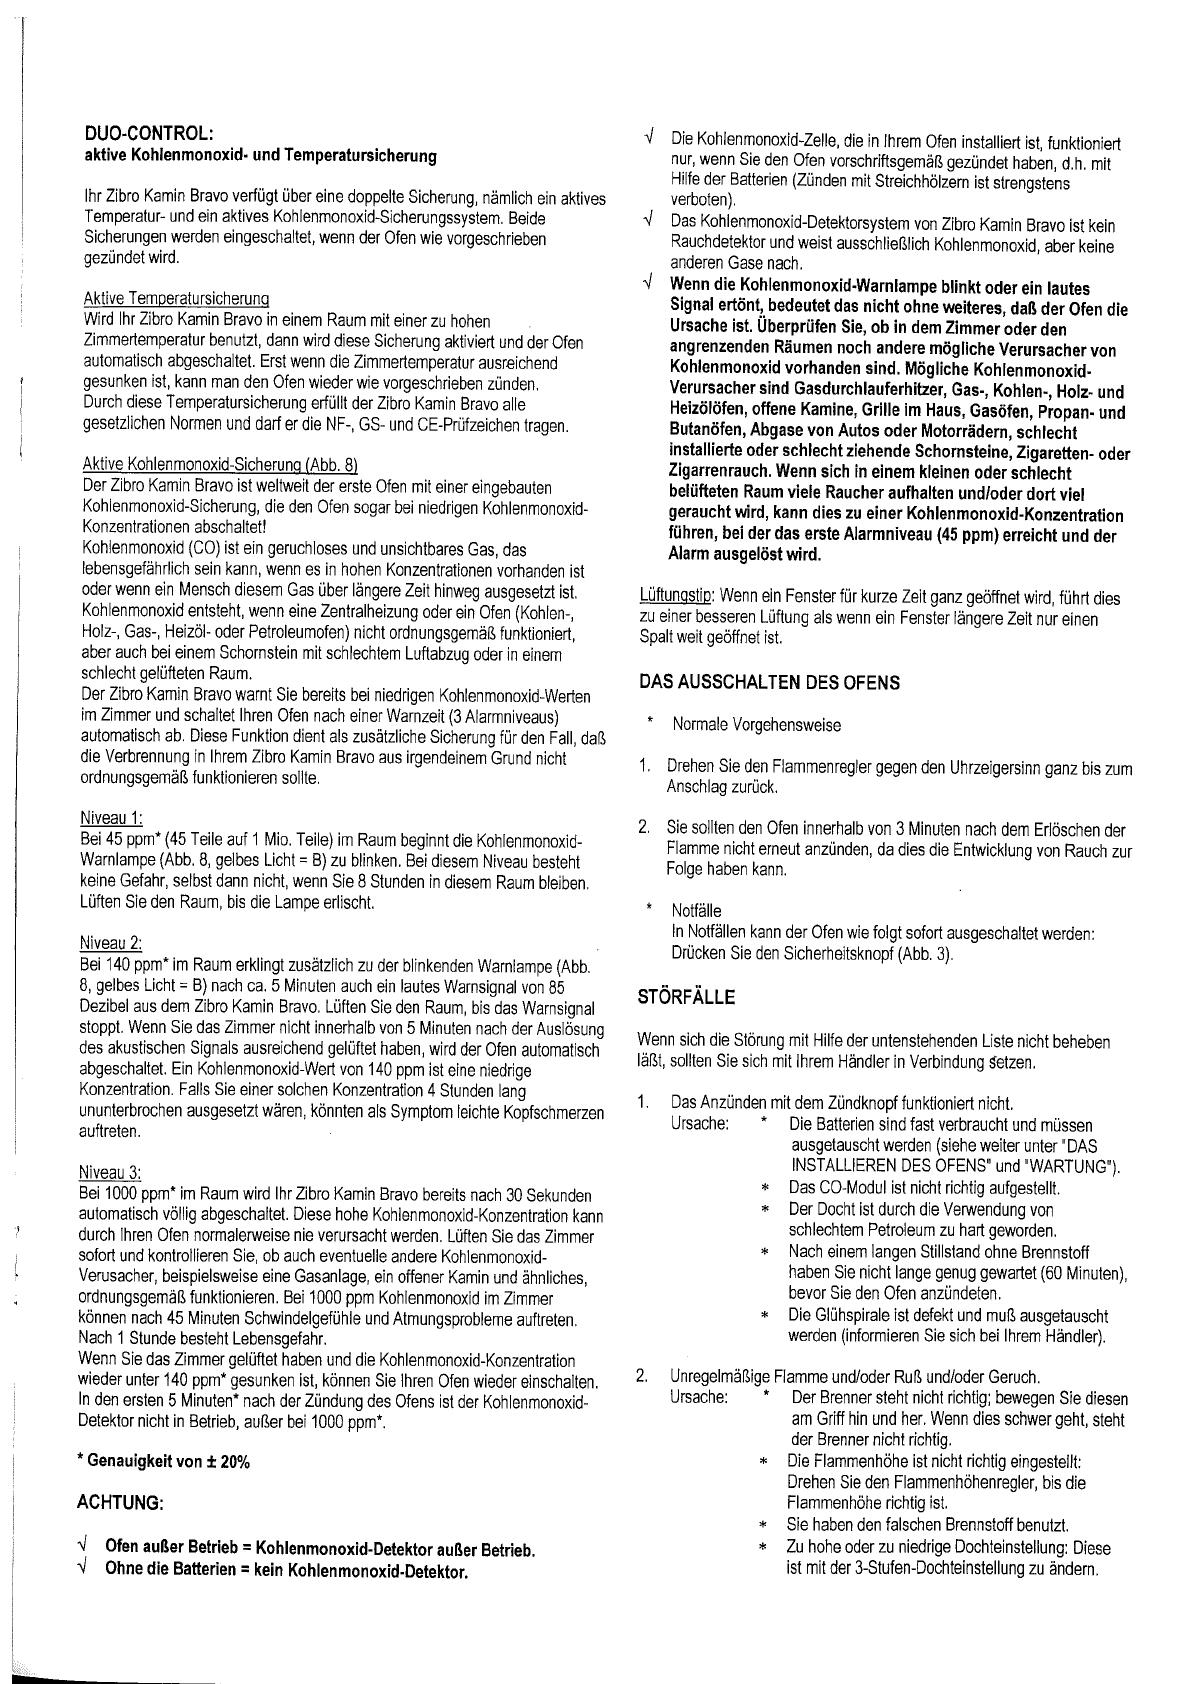 Bedienungsanleitung Zibro Bravo Seite 4 Von 8 Deutsch